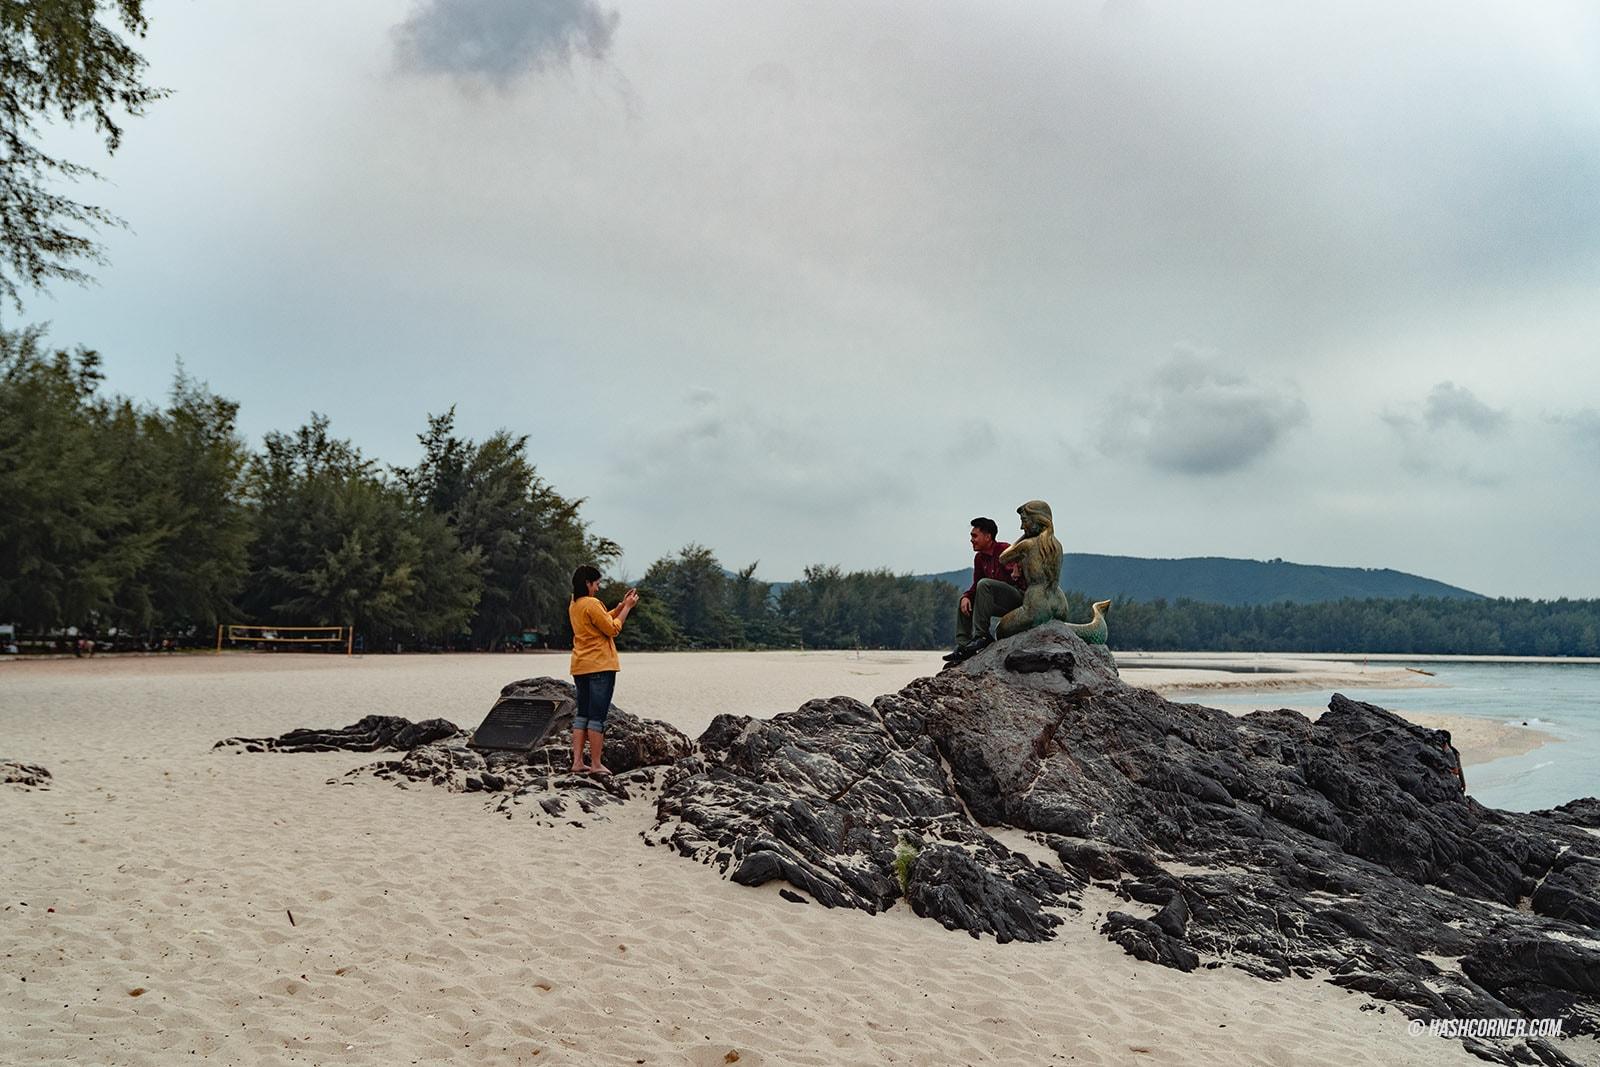 รีวิว สงขลา: 19 ที่เที่ยวหาดใหญ่-เกาะยอ-เมืองเก่า